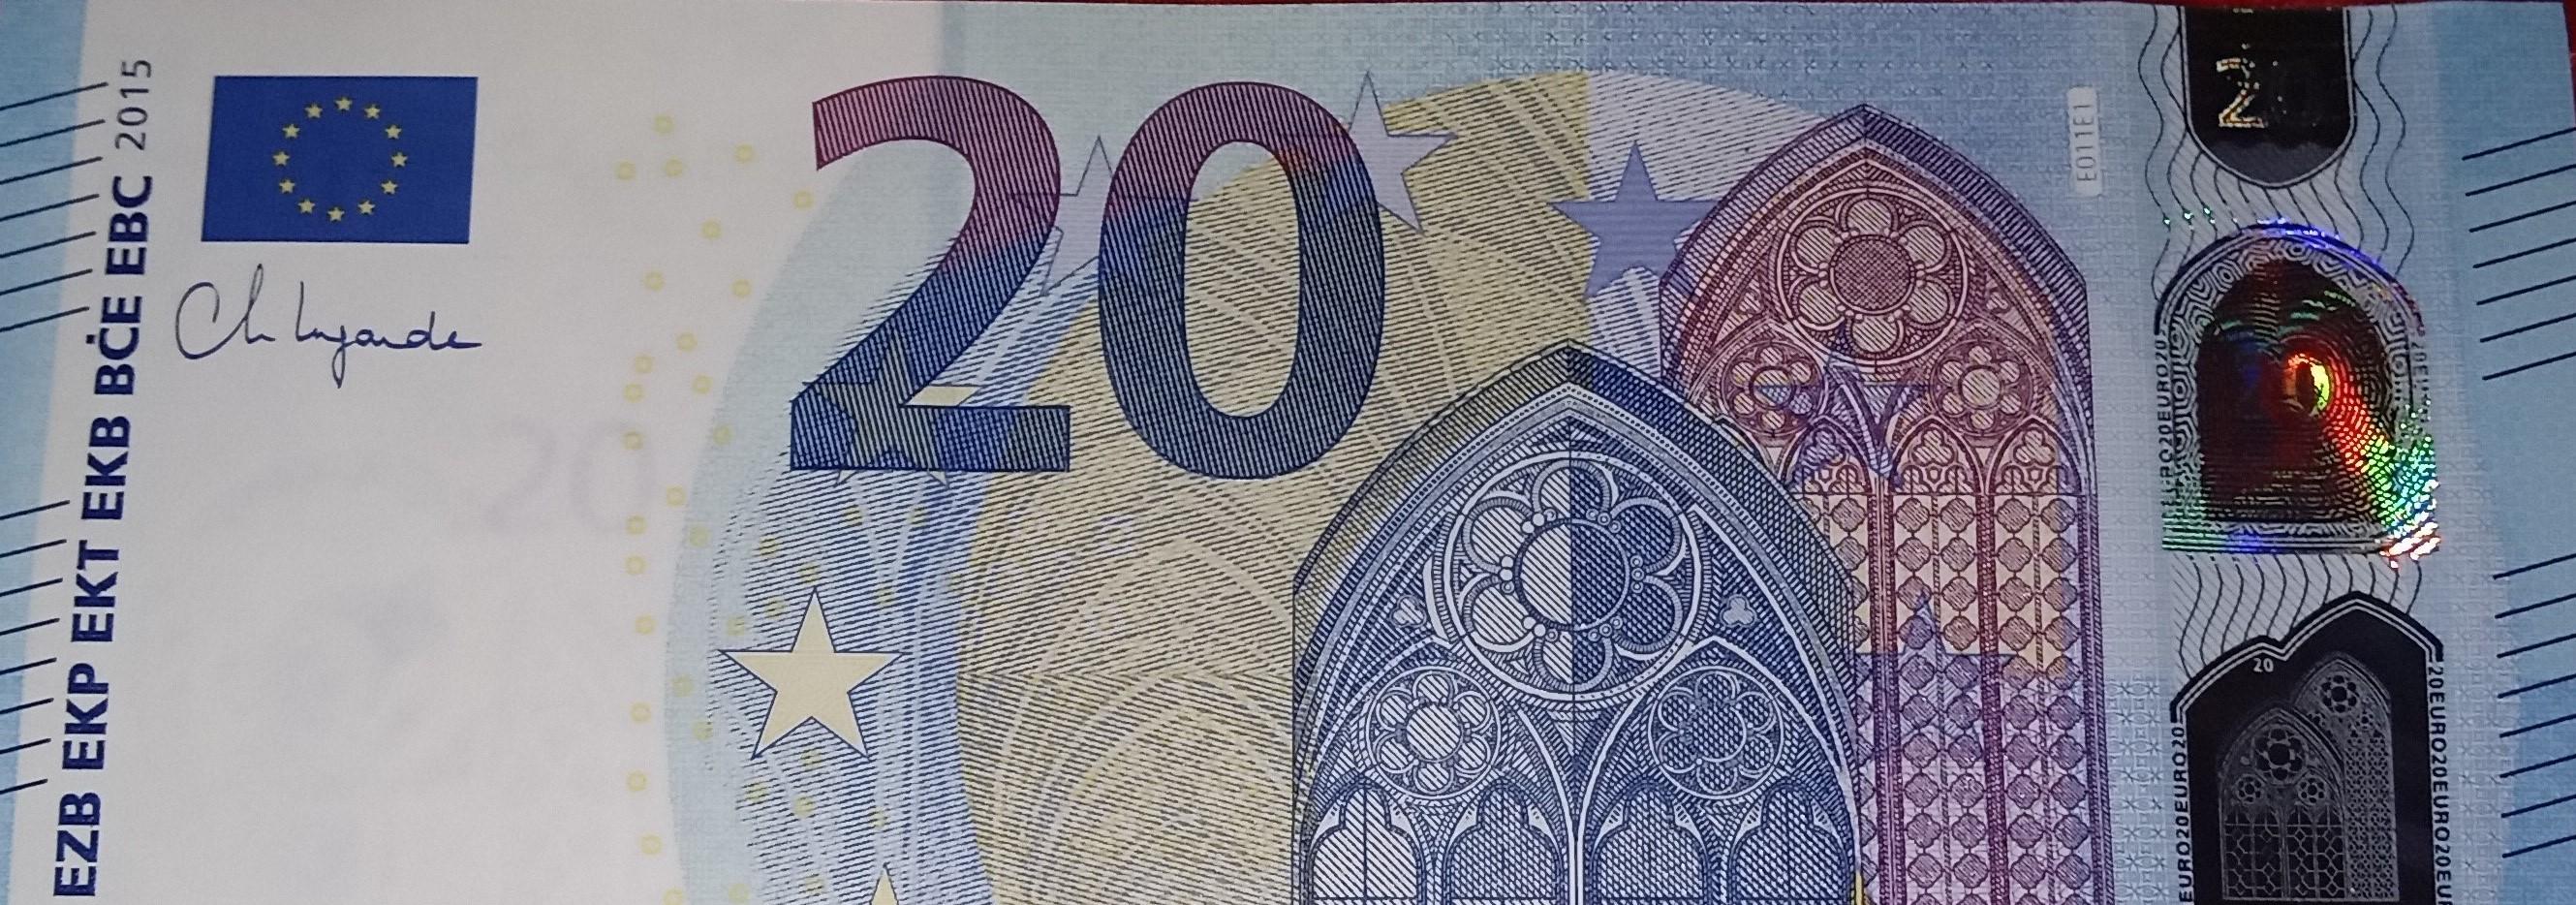 20_e_e_011_lagarde_-_collection_europe_.jpg